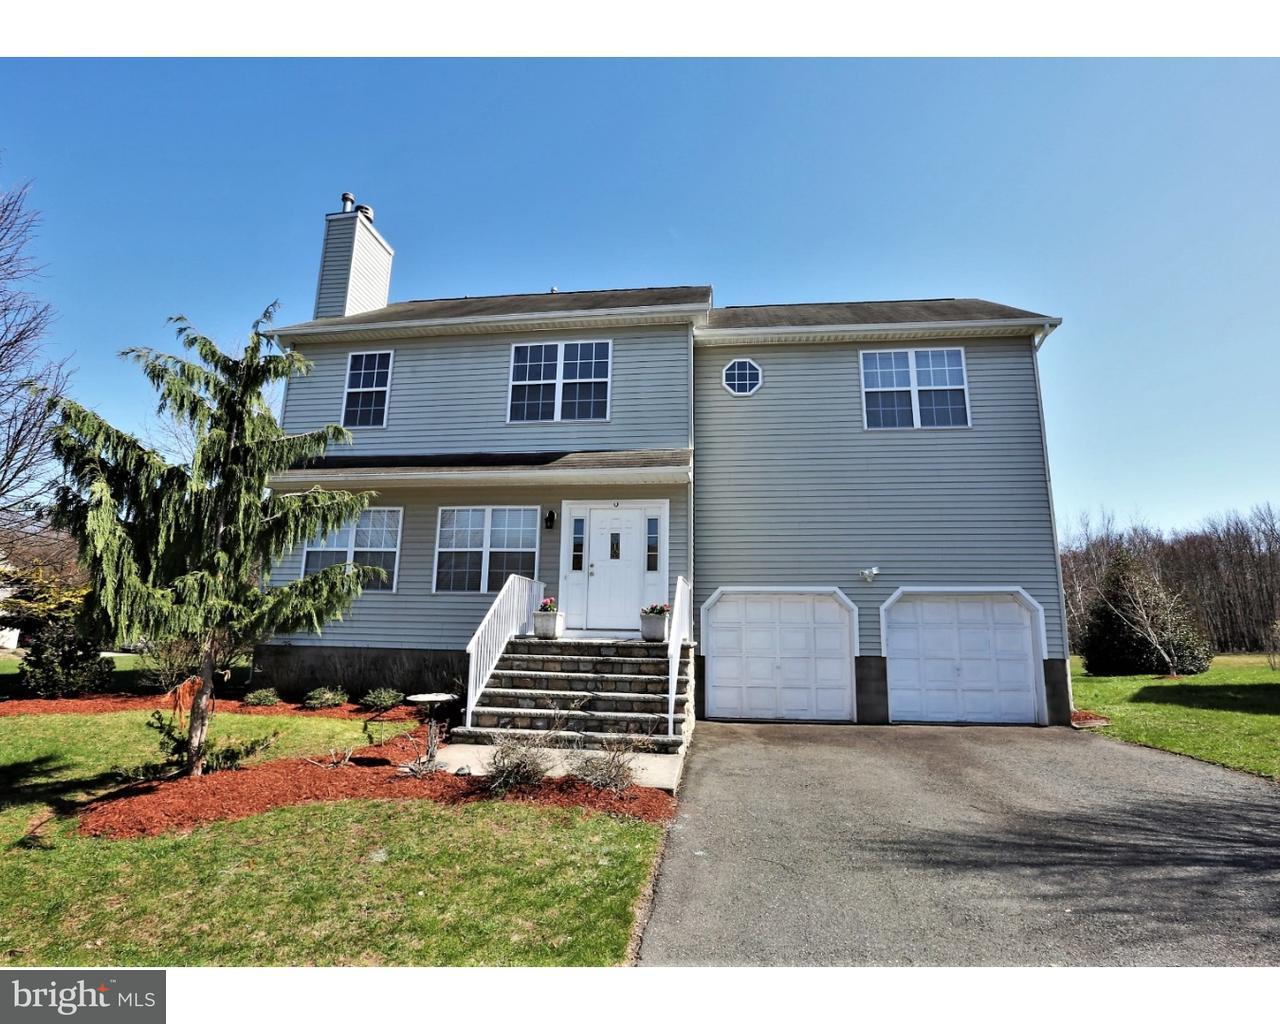 Maison unifamiliale pour l Vente à 68 JARED BLVD Kendall Park, New Jersey 08824 États-UnisDans/Autour: South Brunswick Township